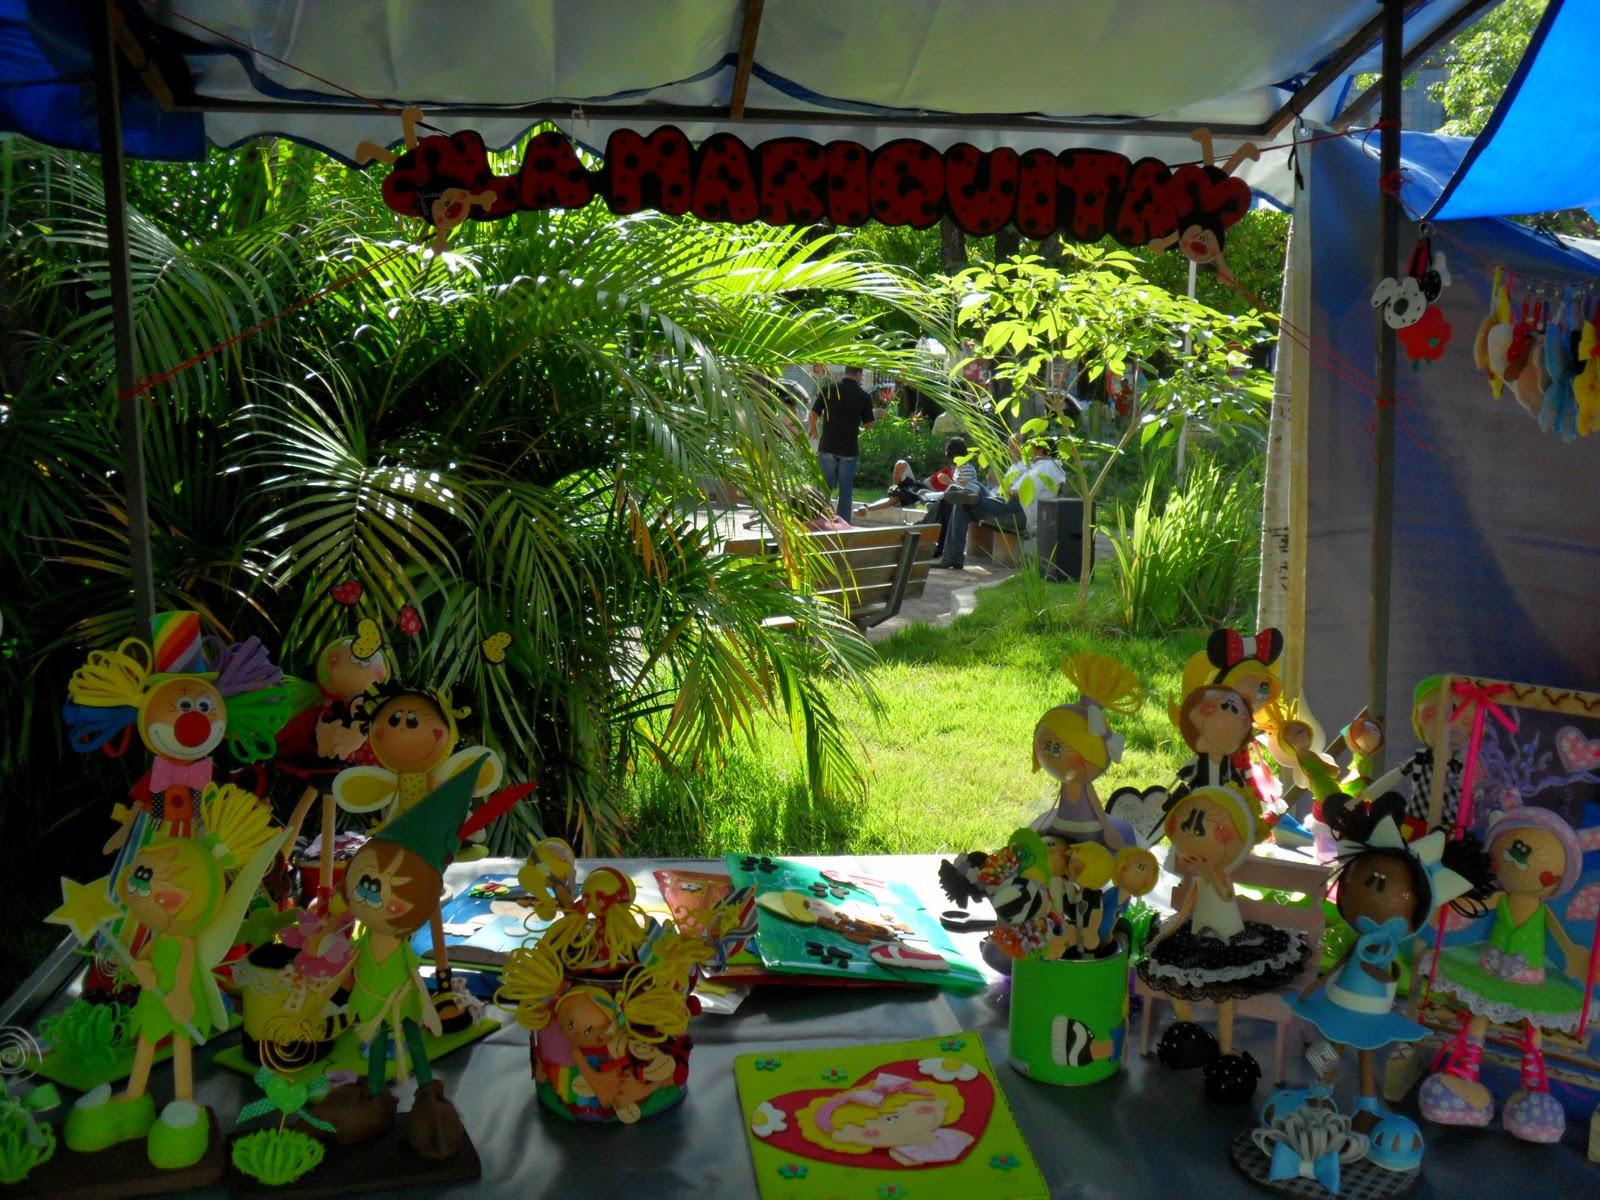 Adesivo De Olhos Para Artesanato ~ Ronise Mendes Artesanato Arte em E v a Minha barraca na feira de artesanato em MONTES CLAROS